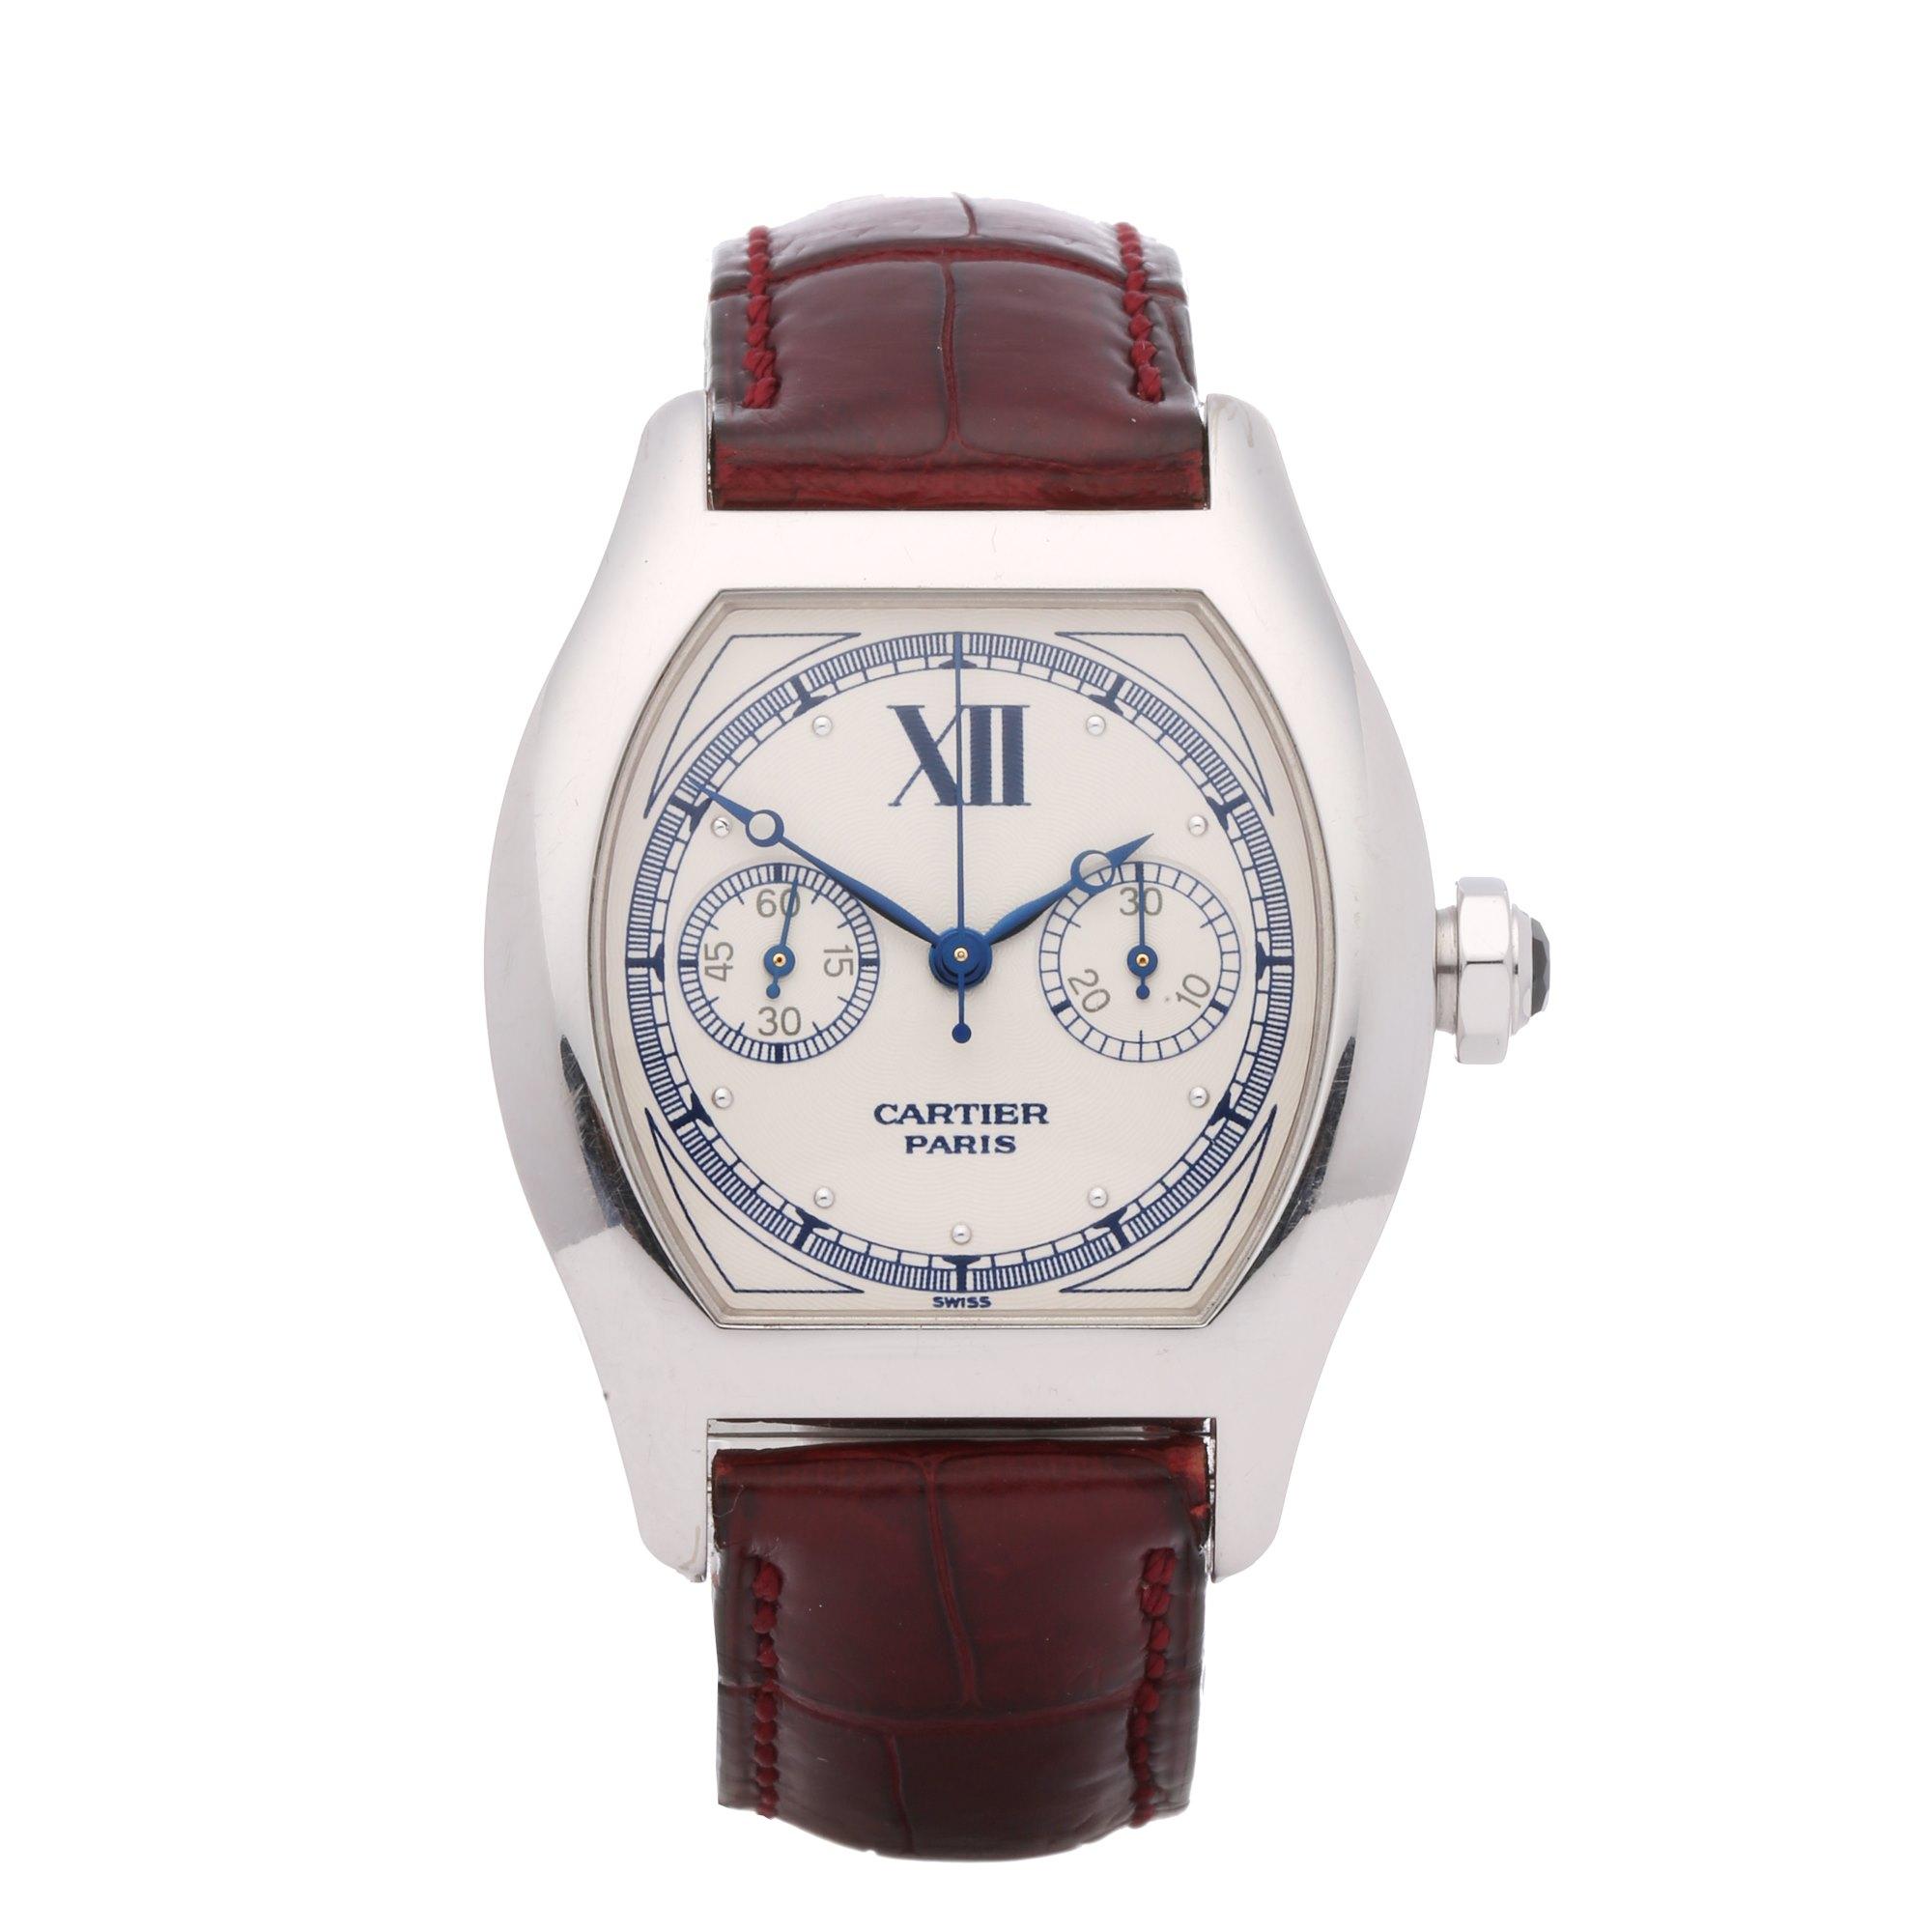 Cartier Tortue Monopoussoir CPCP 18K White Gold 2396